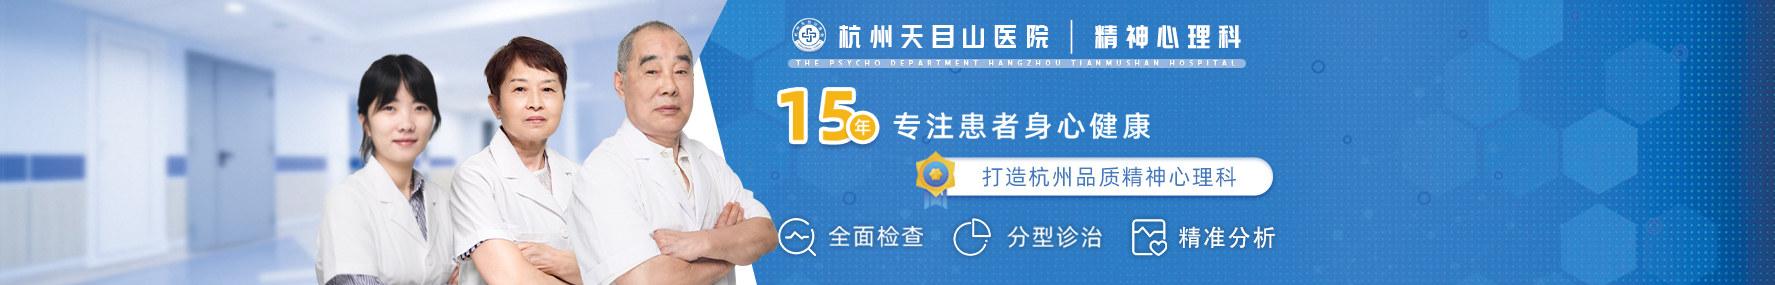 杭州精神色天使在线视频在线视频偷国产精品